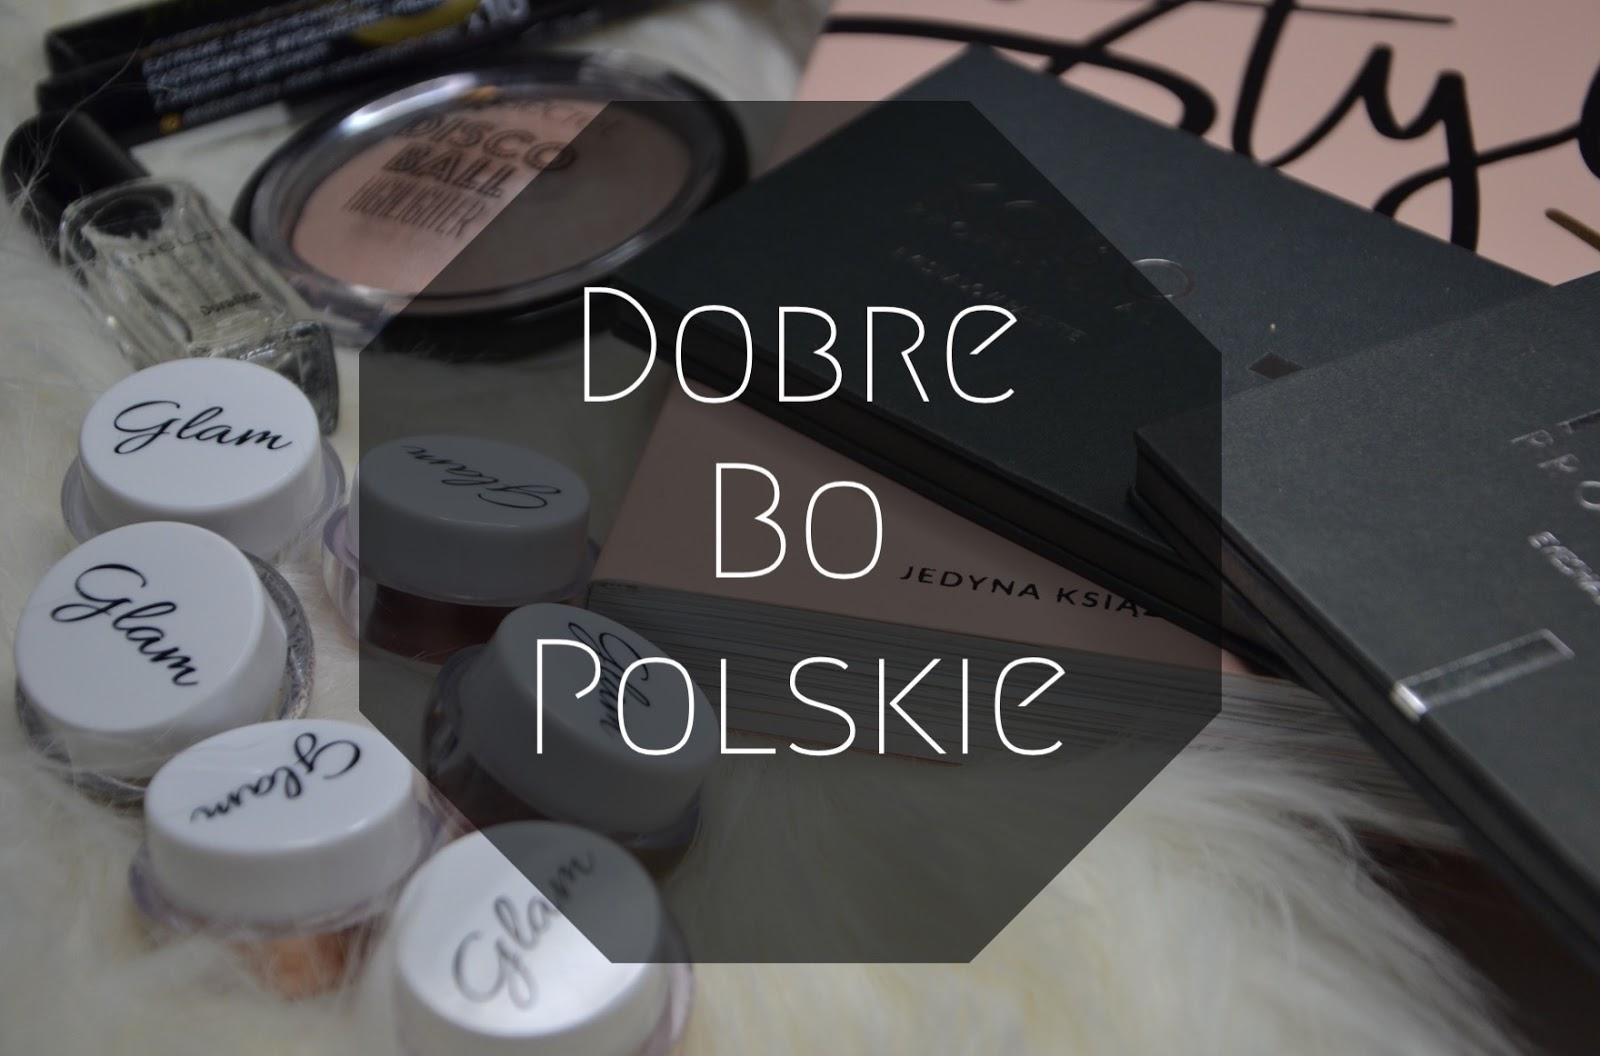 Dobre bo polskie | Złota piątka